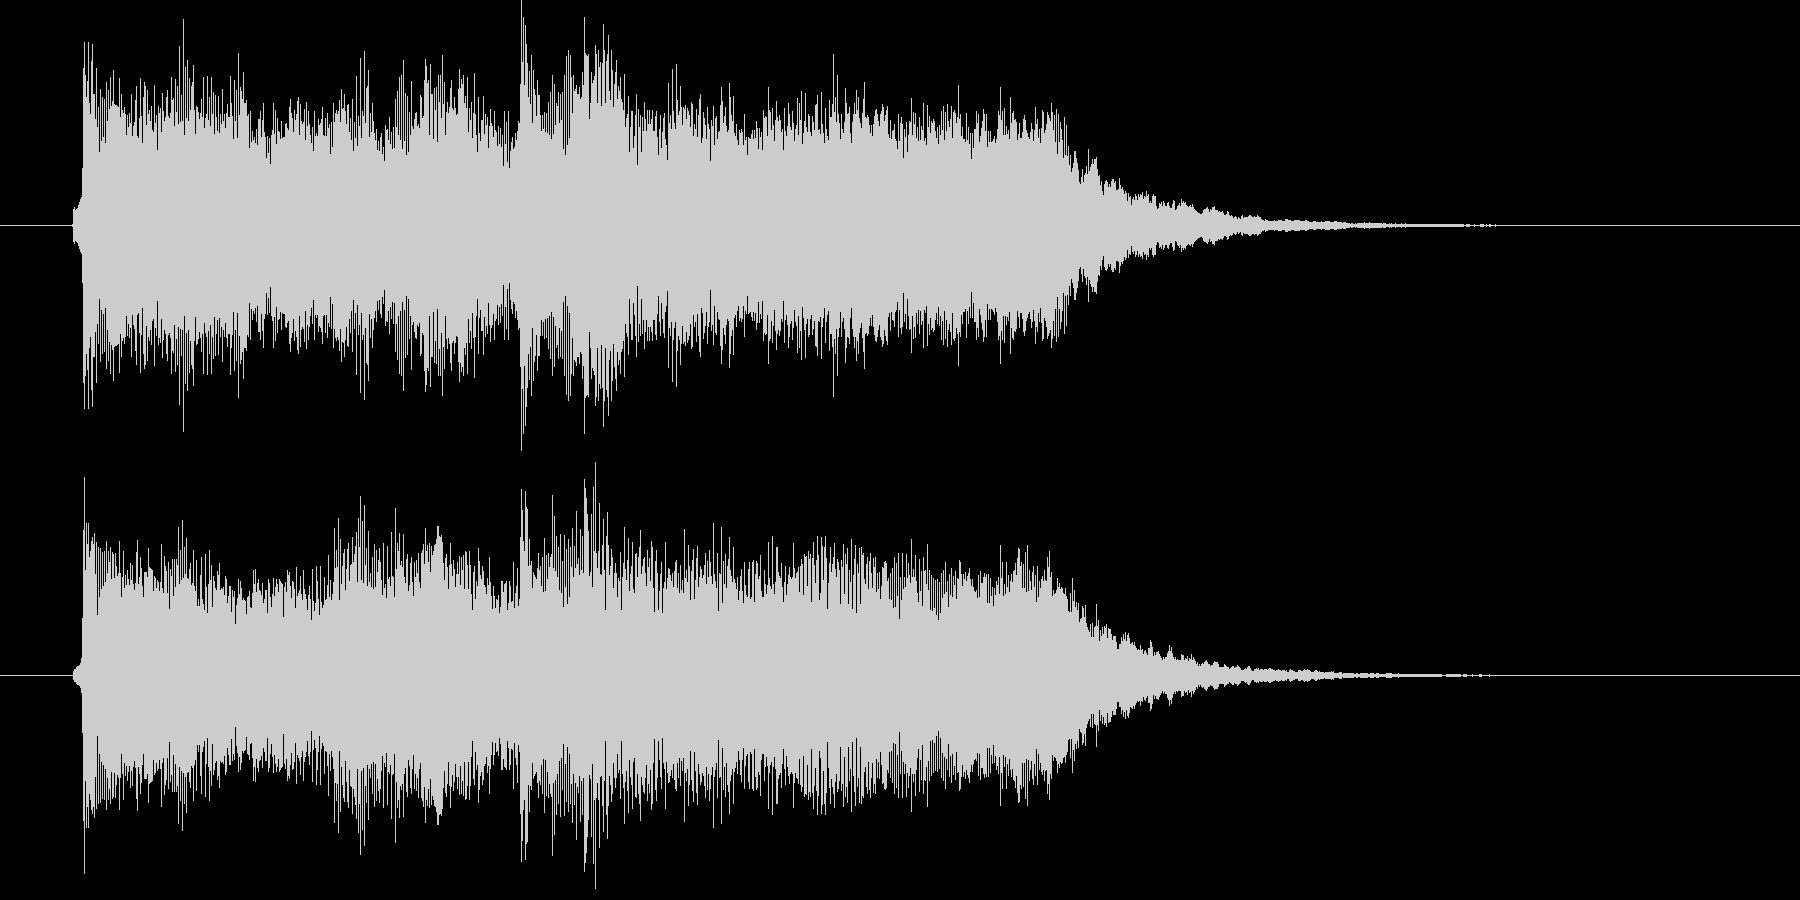 清々しいバイオリンとマラカスによるBGMの未再生の波形